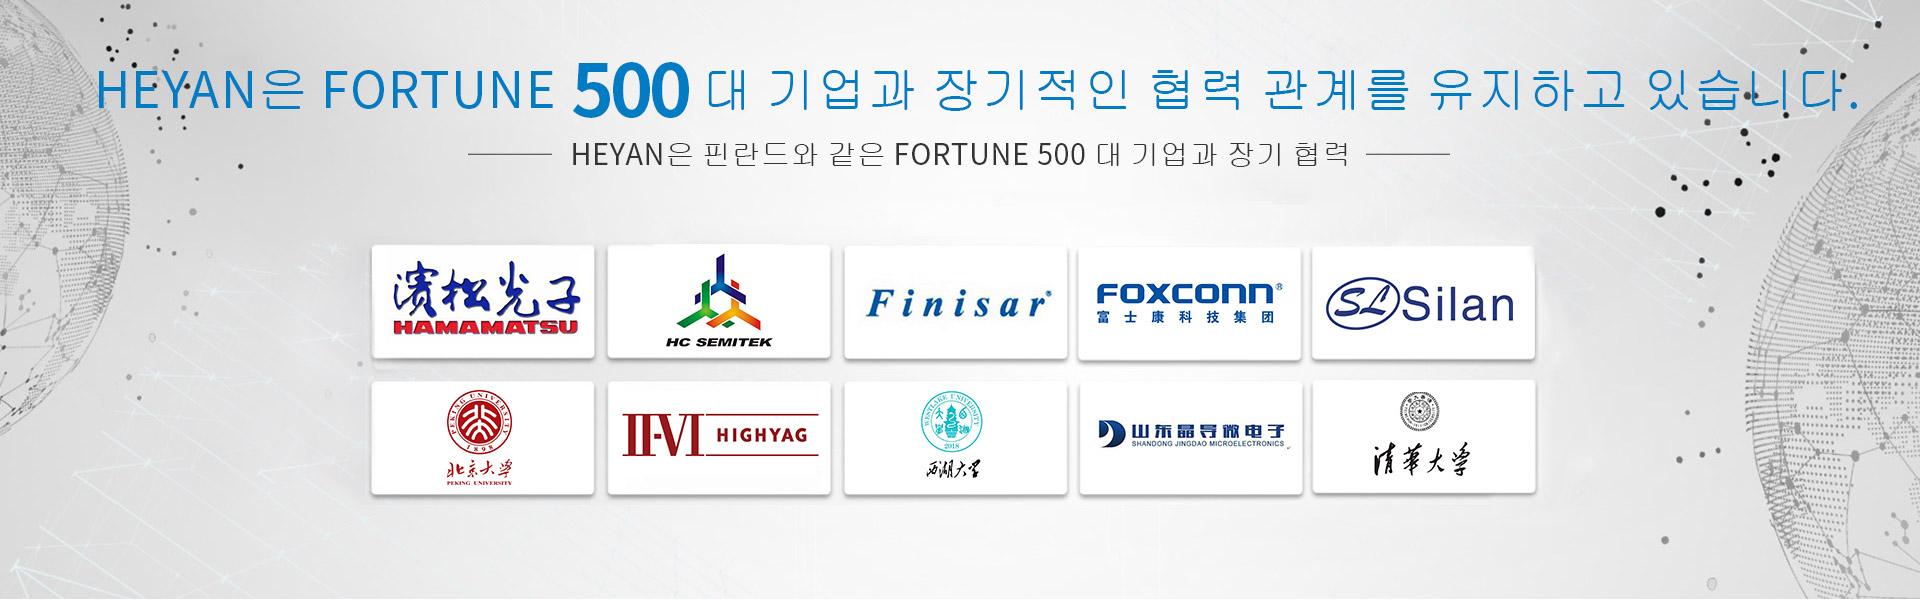 포춘 글로벌 500 업체와 장기간 협력을 유지